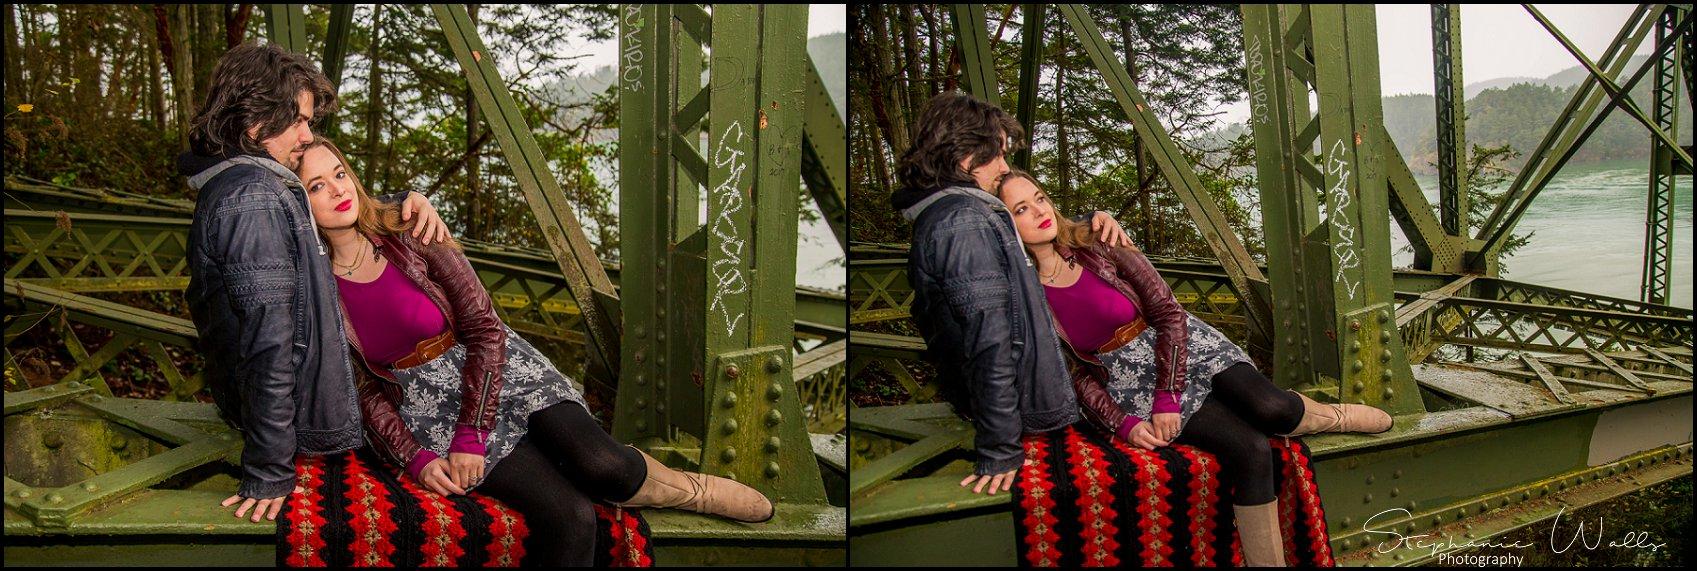 Foss 006 Engaged  Deception Pass Park   with Sarah and Erik